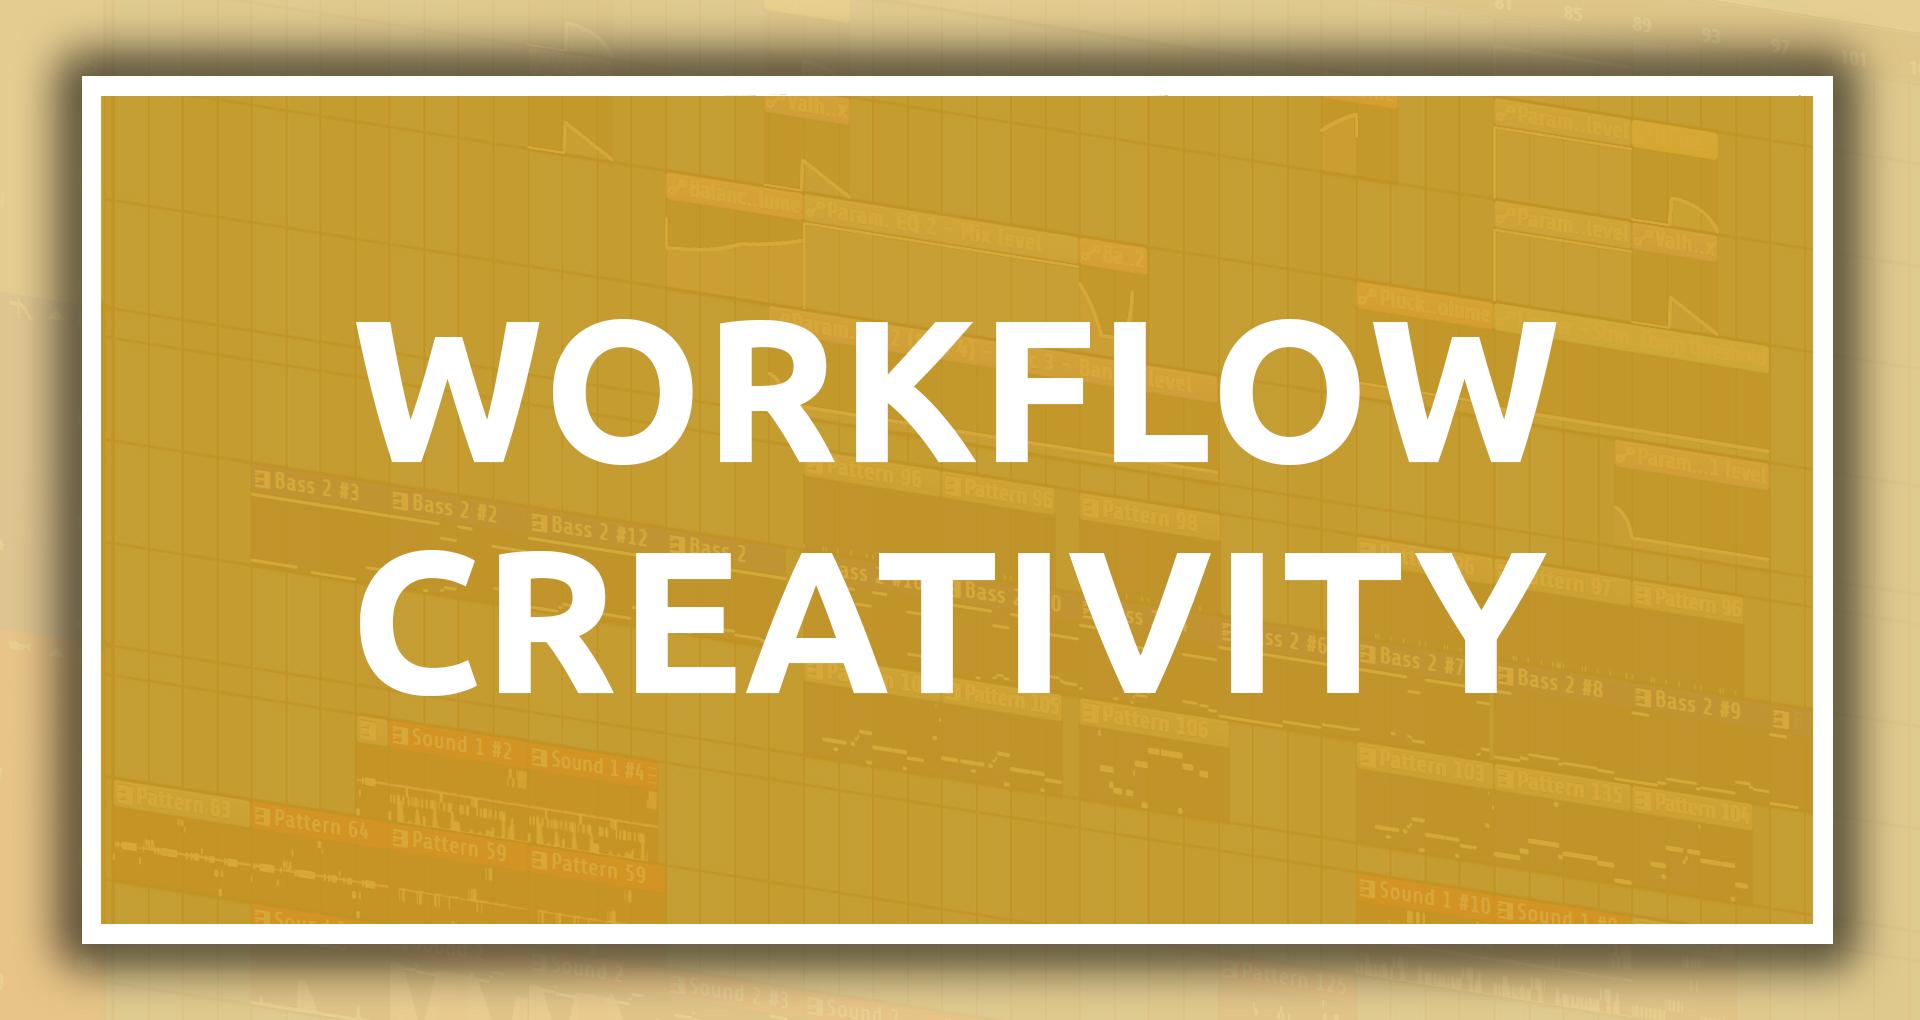 Workflow Creativity